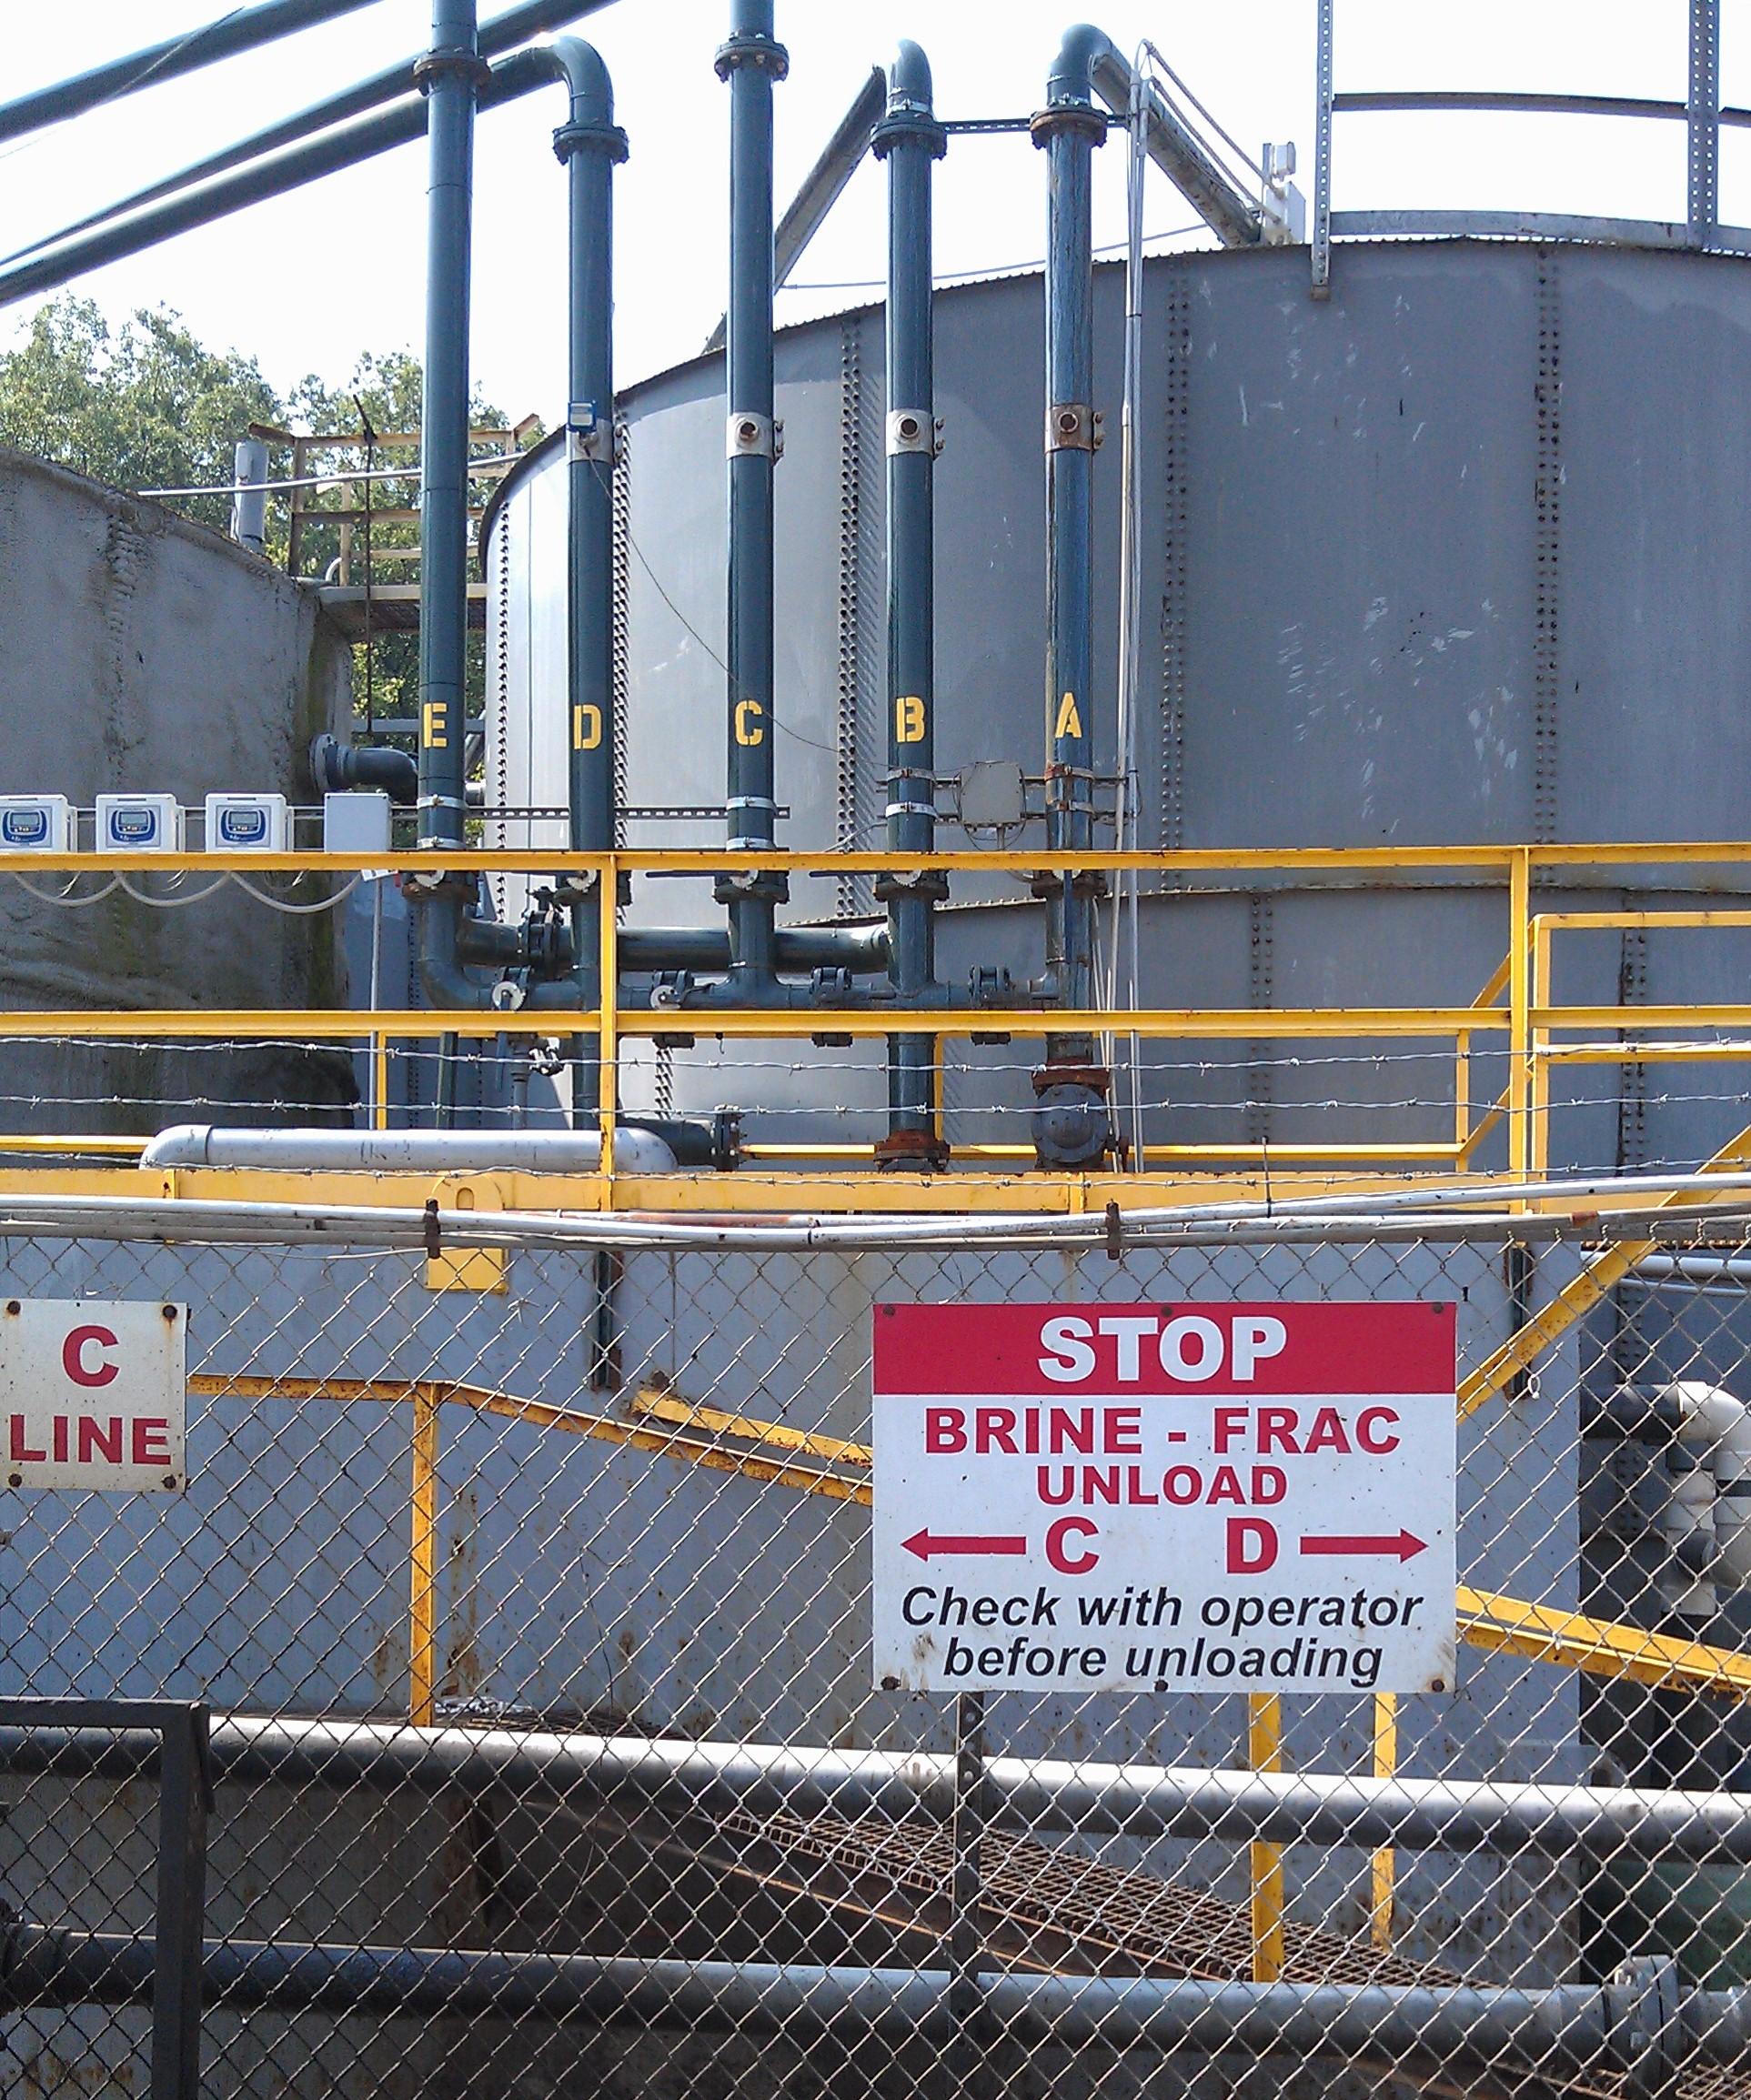 Fracking waste trucks